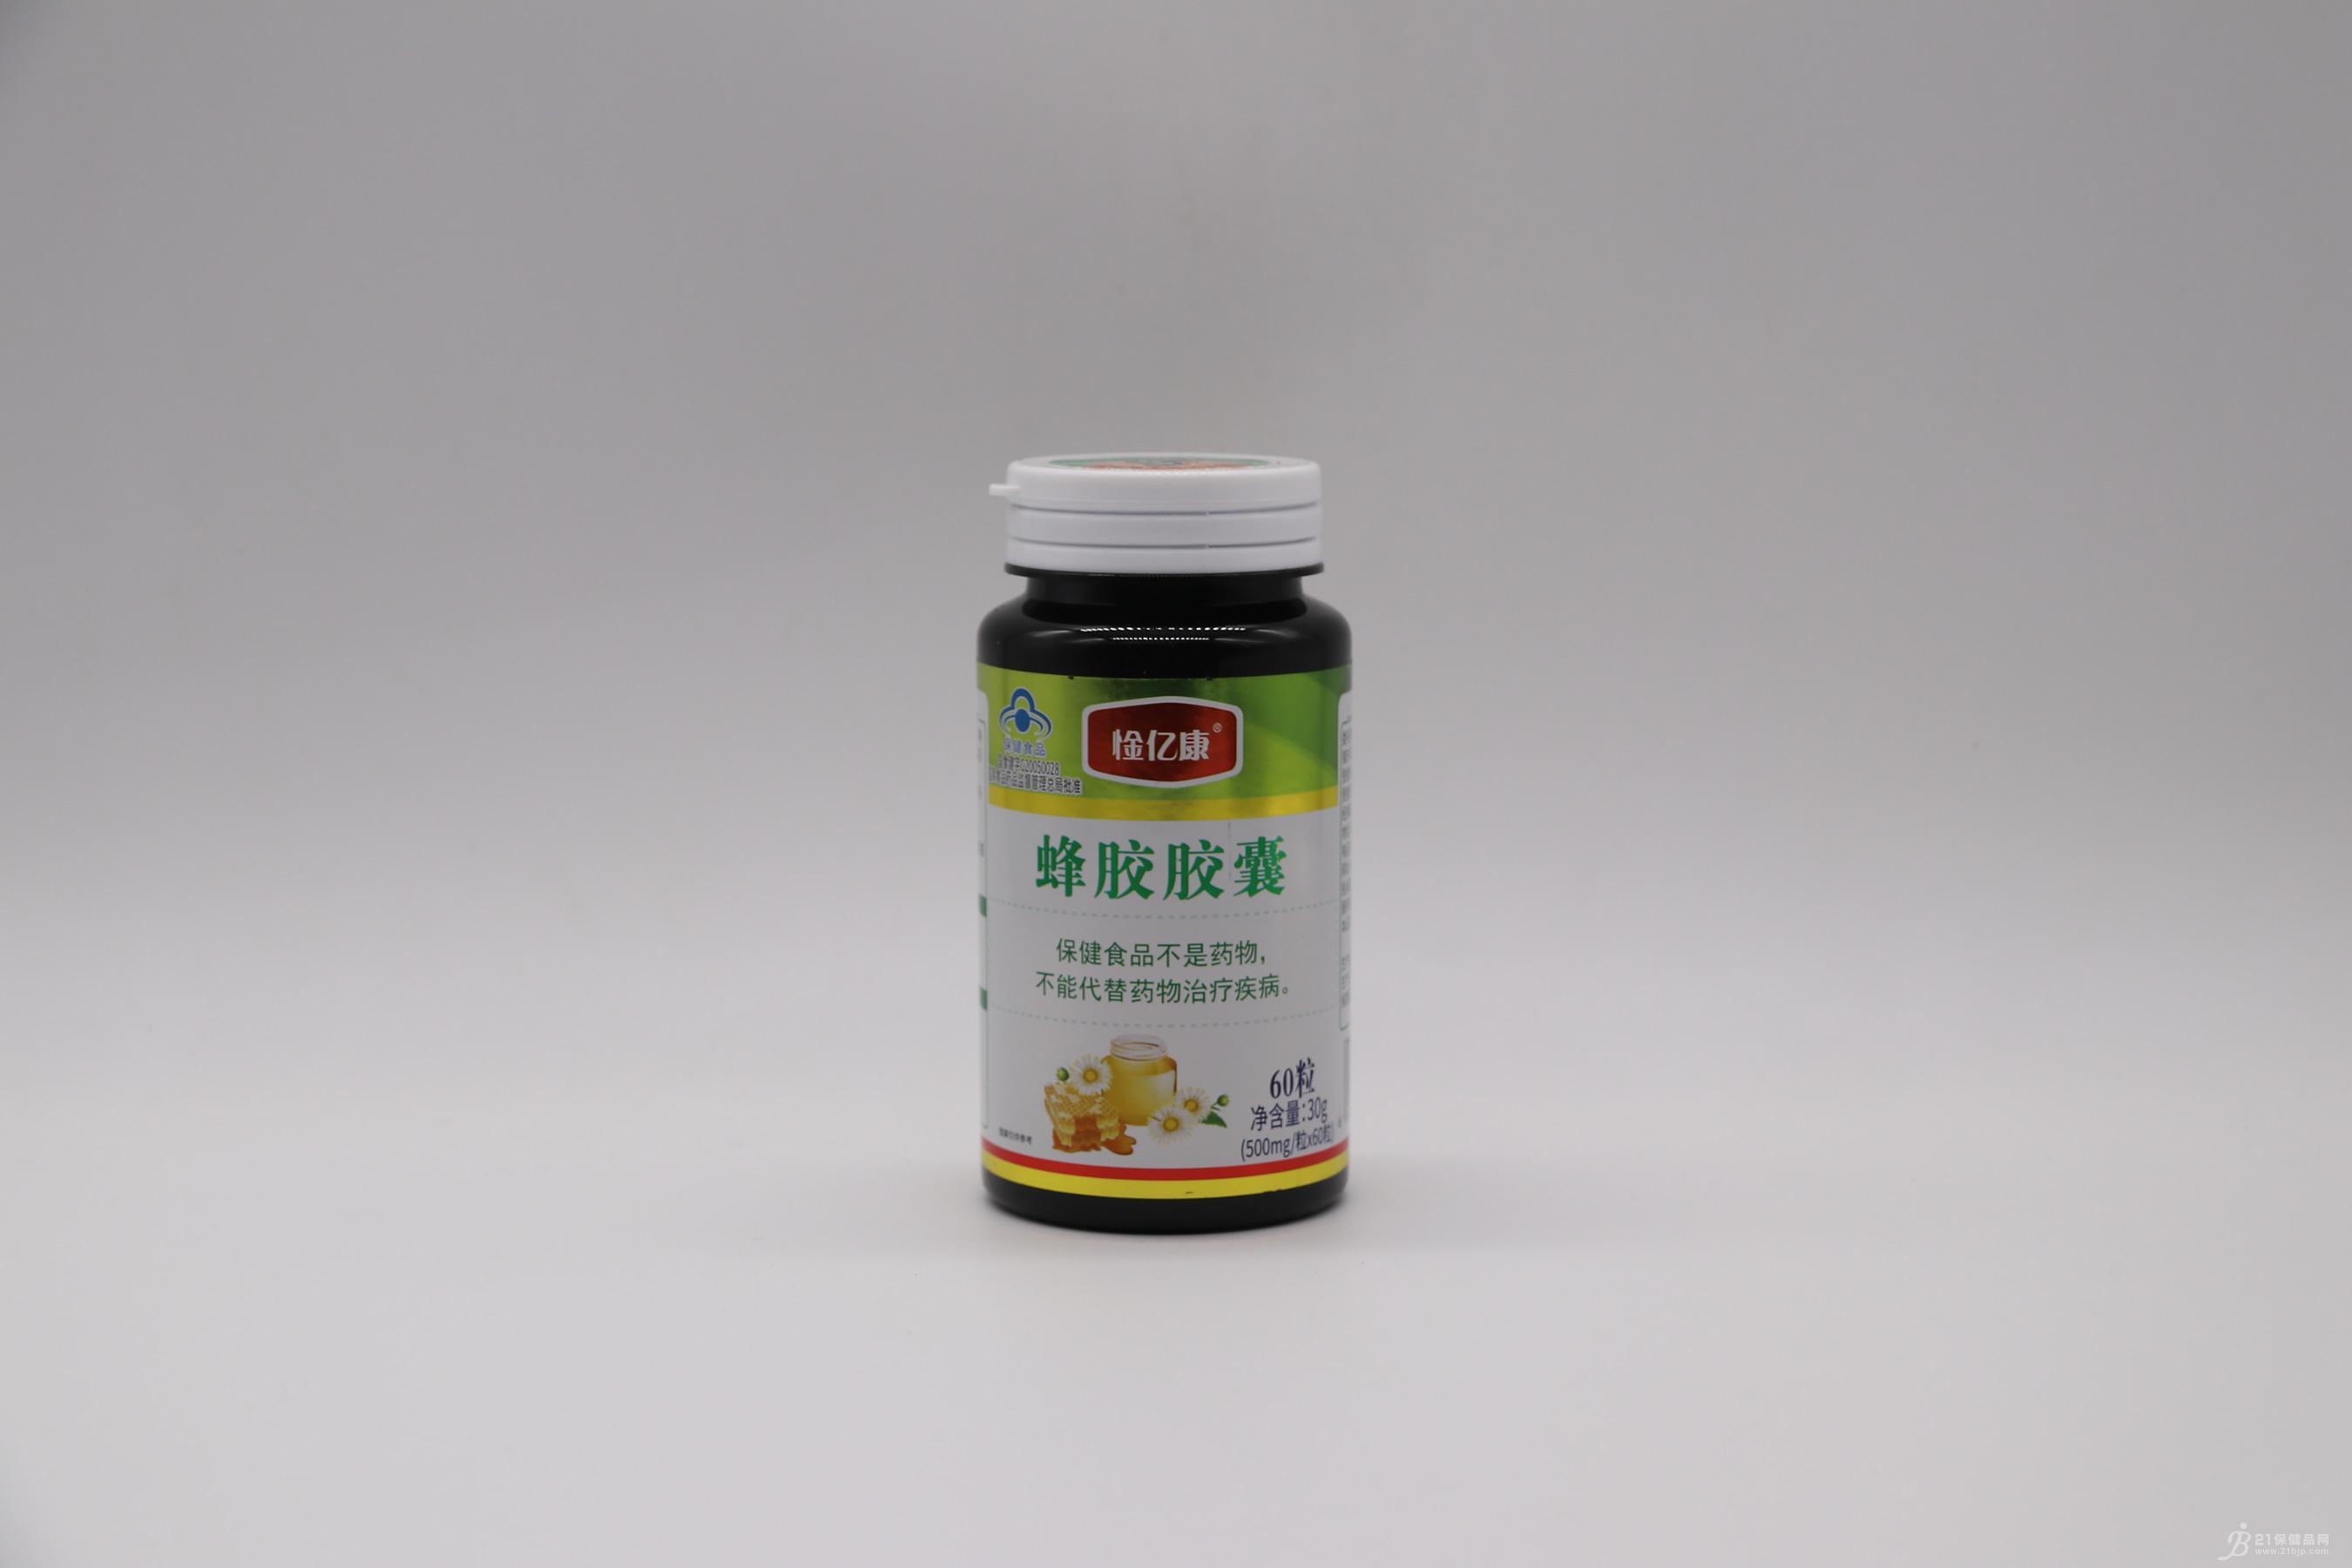 奥维斯牌蜂胶软胶囊(5.0含量)    500mg*100粒/瓶招商